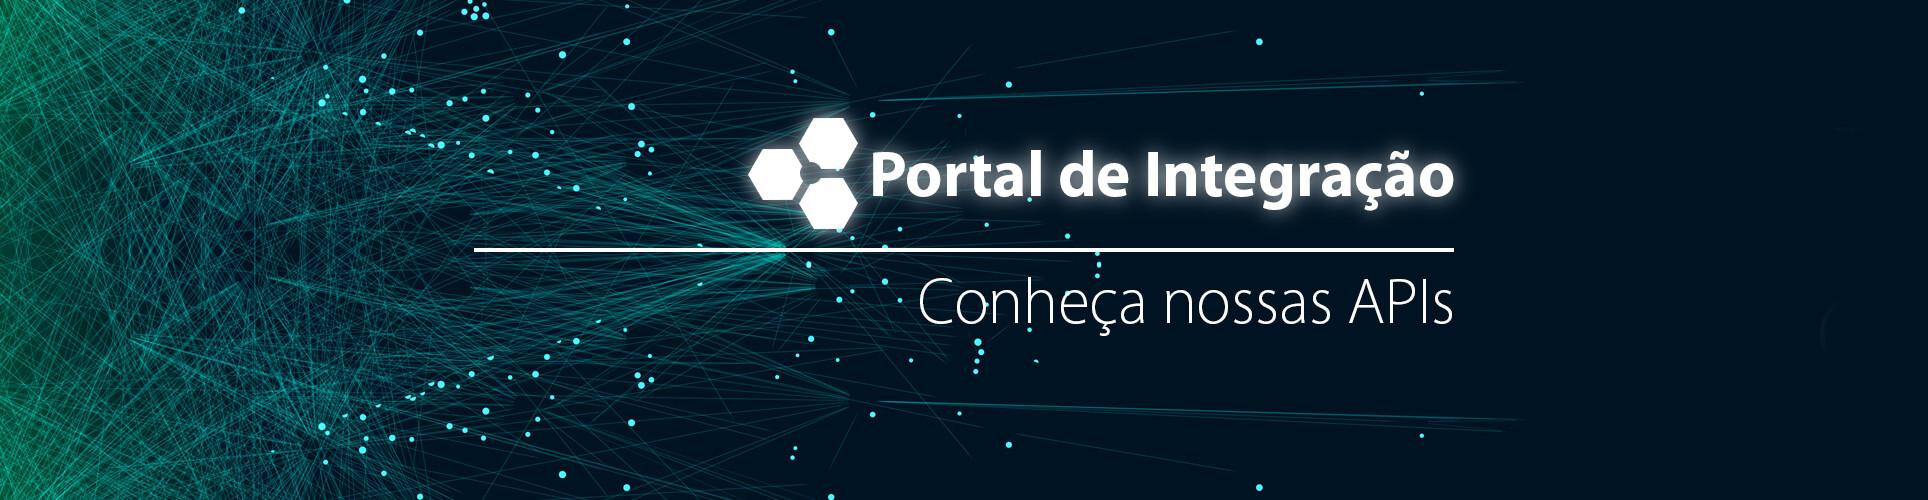 Banner Portal de Integração